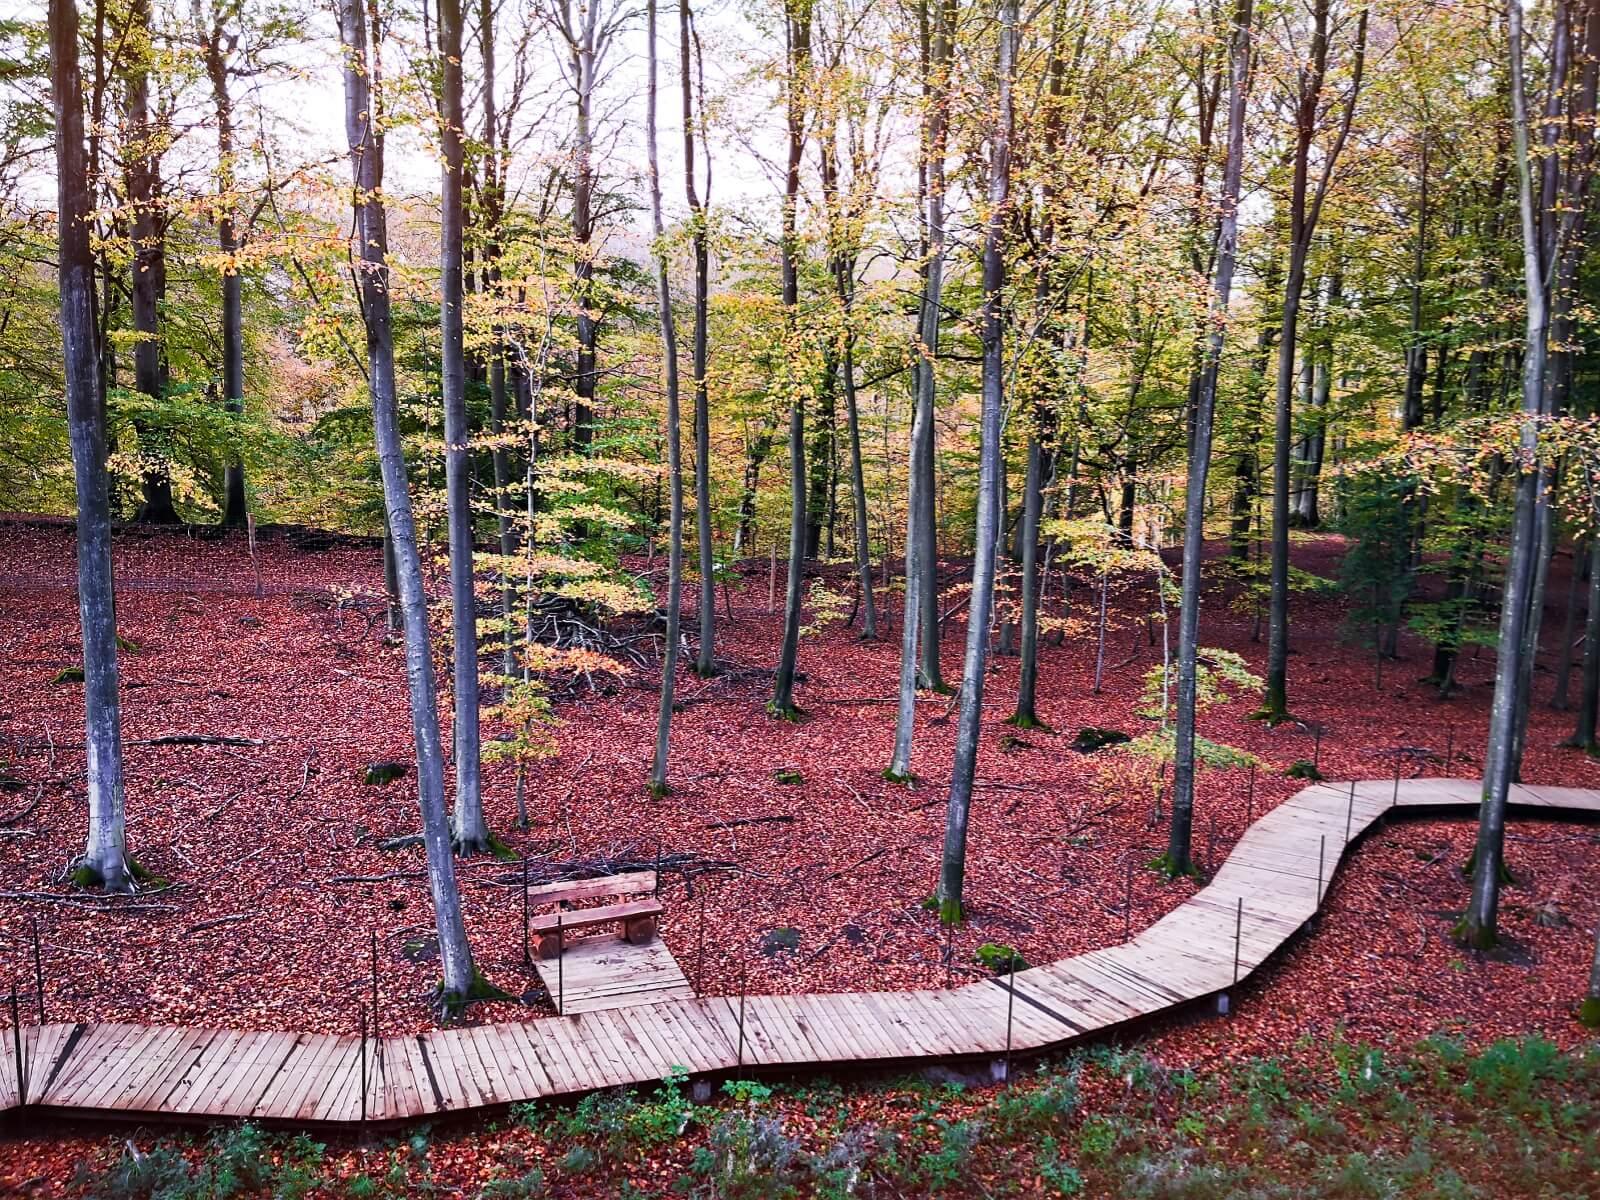 viaggiare-zaino-in-spalla-passerella-nella-foresta-di-gisselfeld-danimarca-2